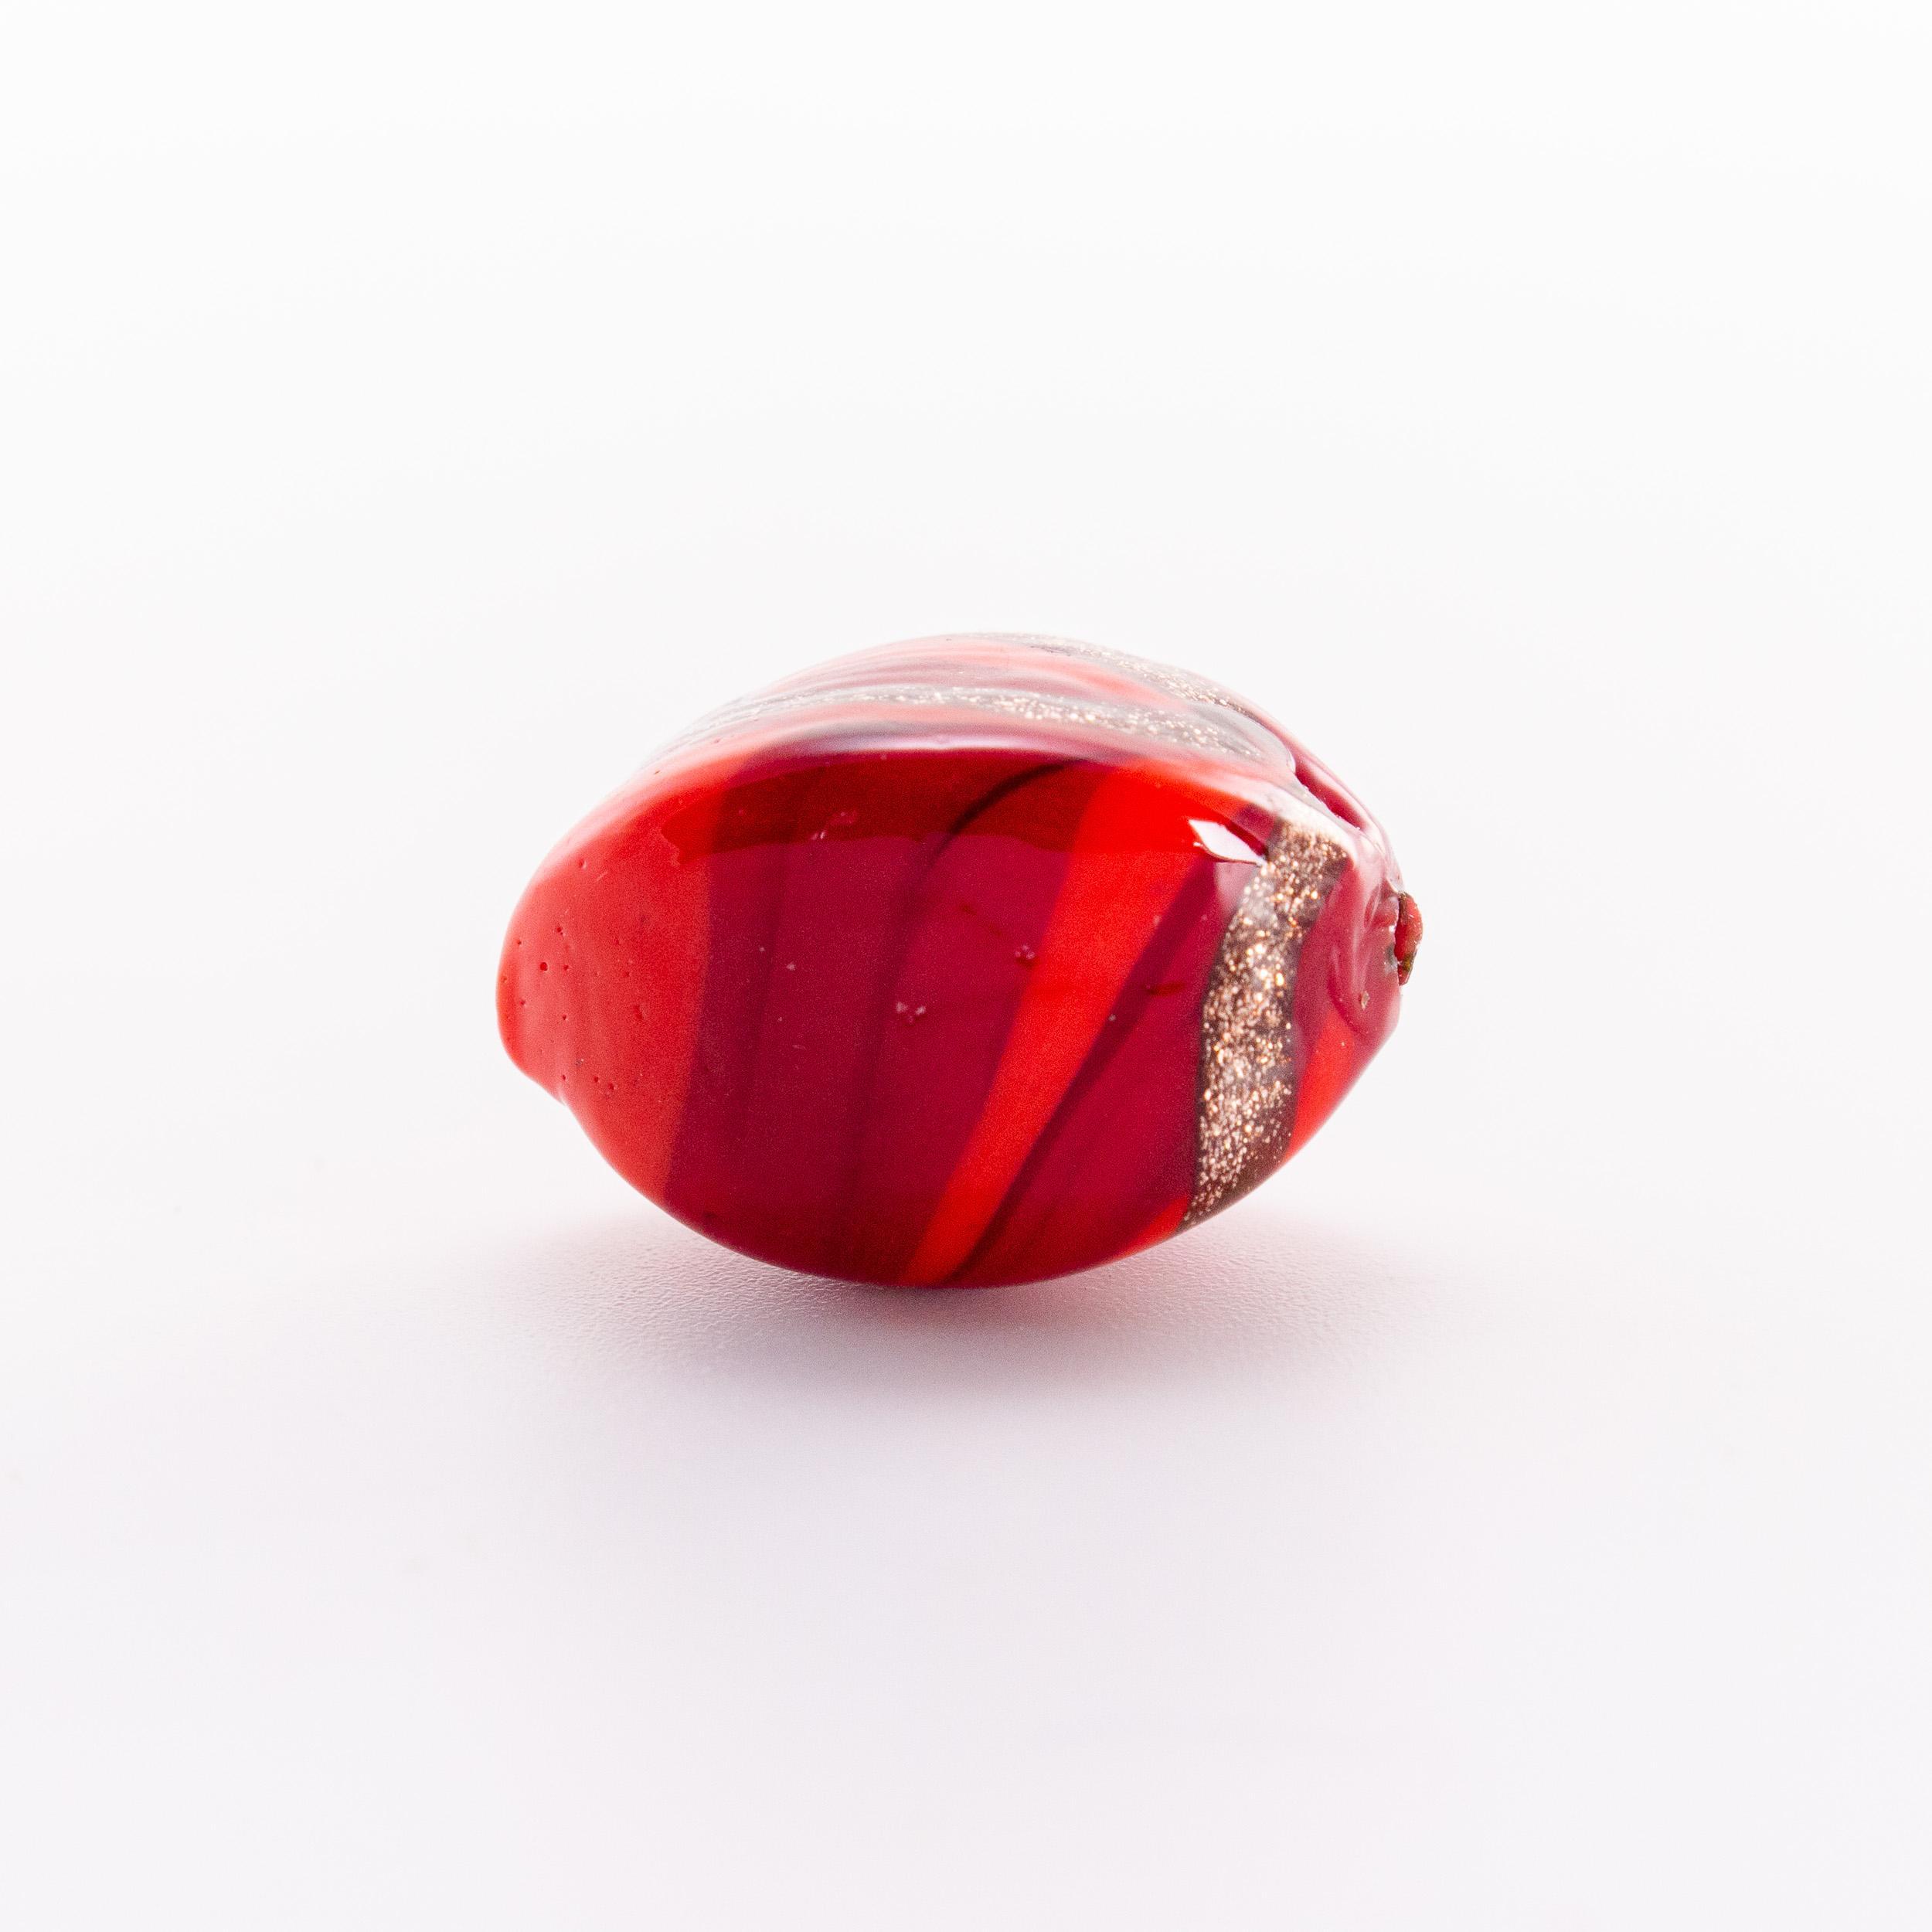 Perla di Murano a oliva 20 mm, vetro rosso con avventurina. Foro passante.